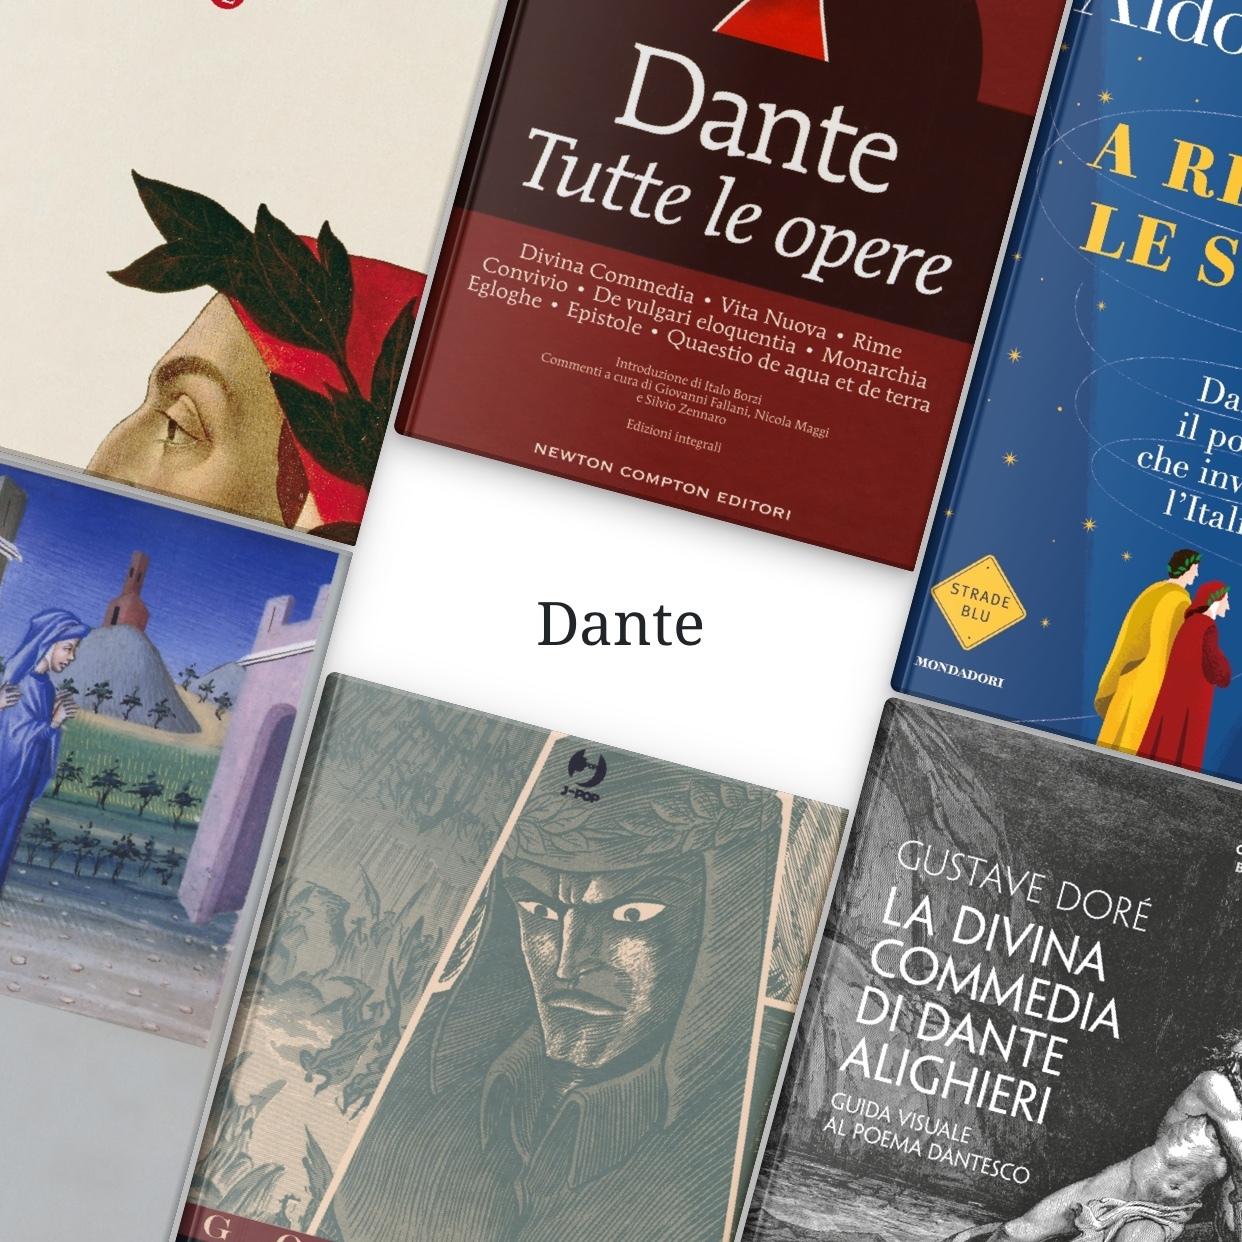 Leggere, rileggere e parlare di Dante